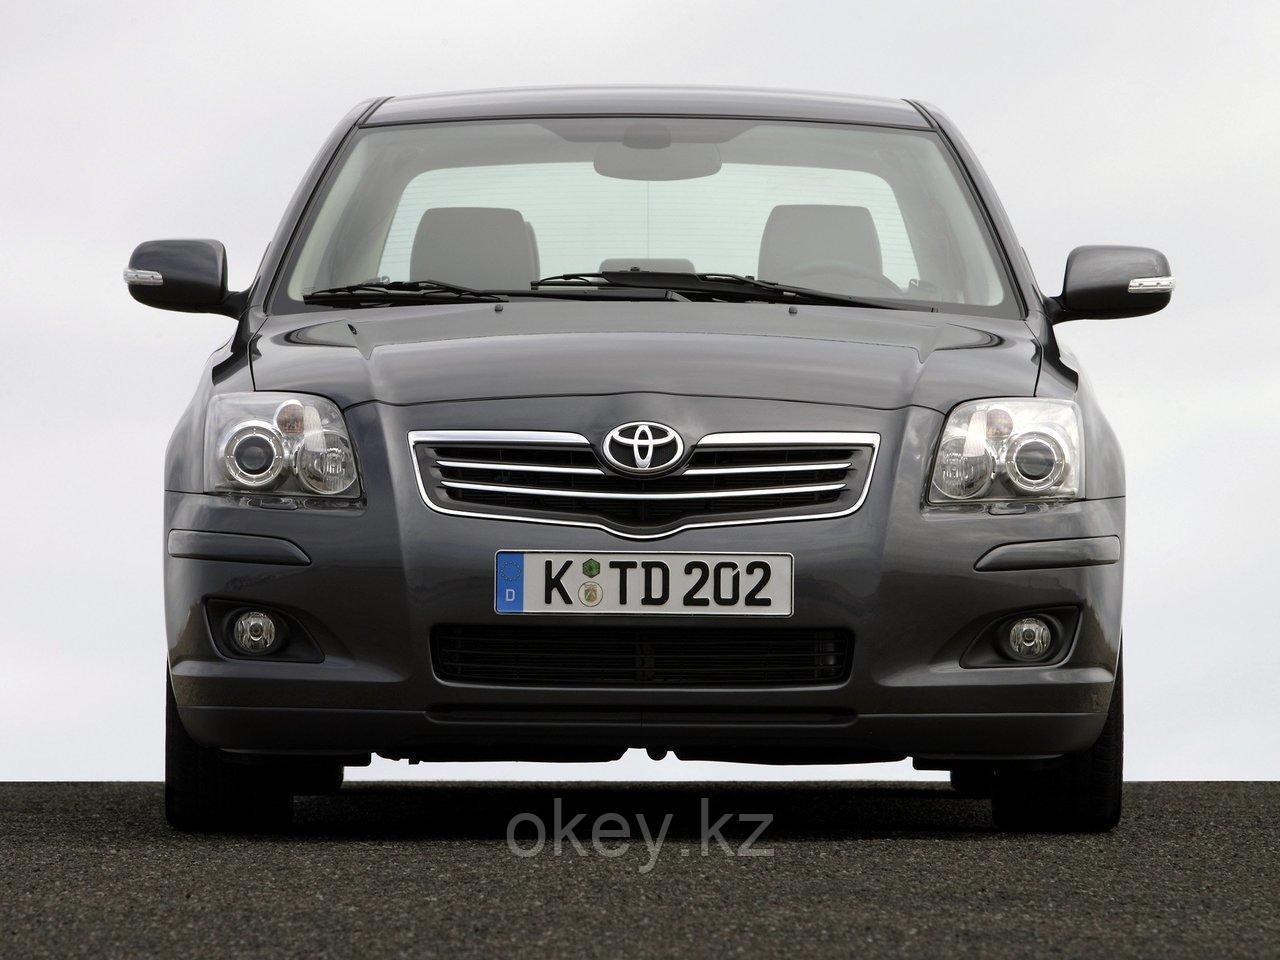 Тормозные колодки Kötl 3336KT для Toyota Avensis II седан (T25_) 2.2 D-4D, 2005-2008 года выпуска.